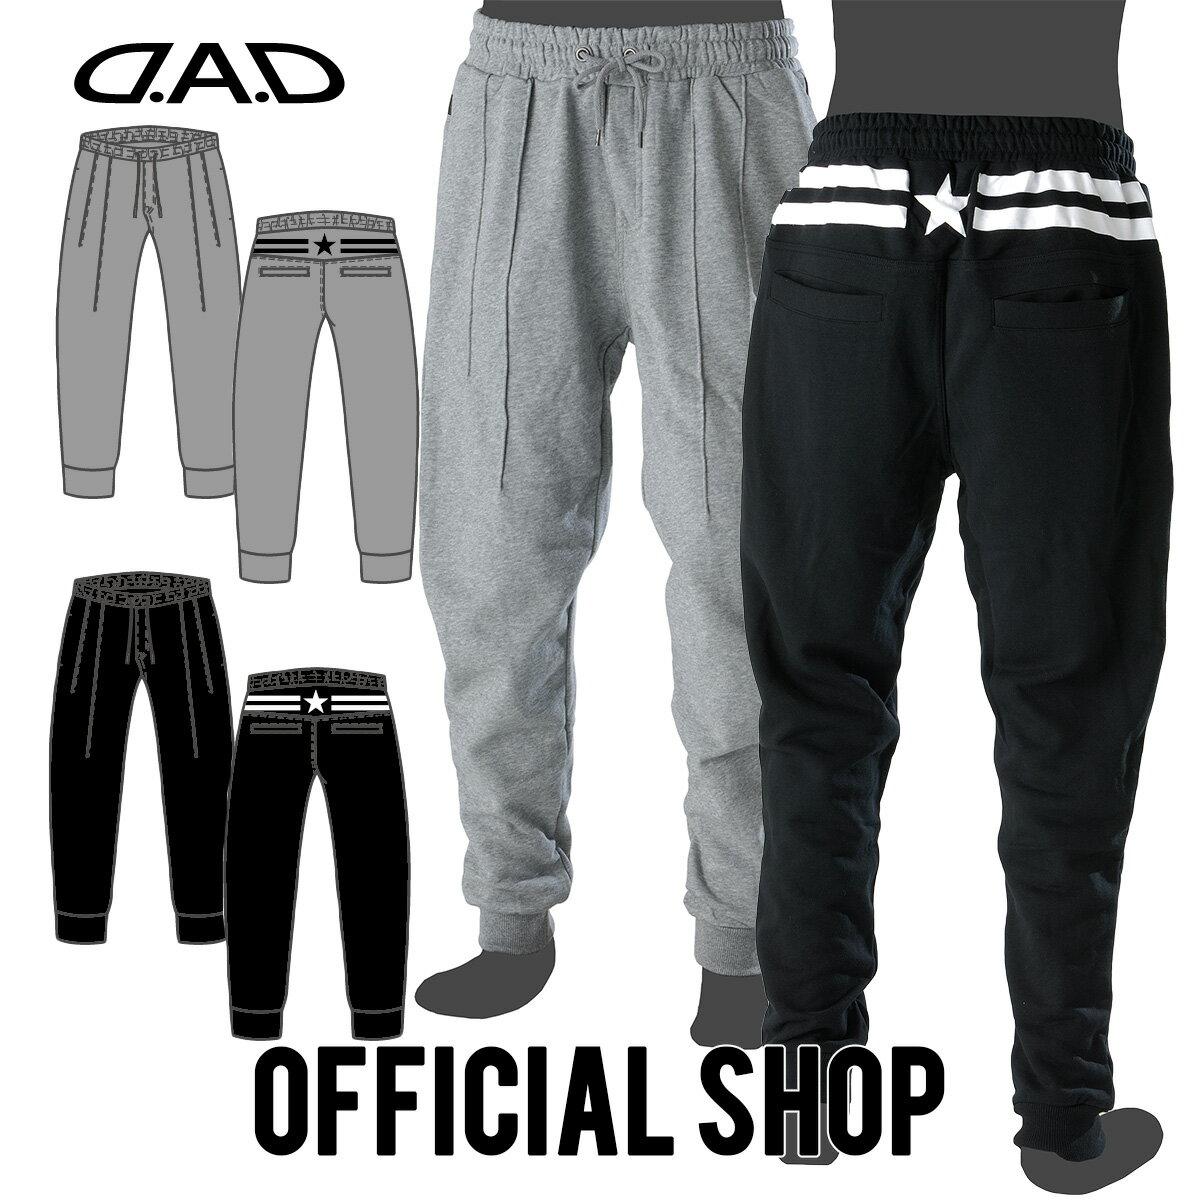 メンズファッション, ズボン・パンツ 515D.A.D35.5DAD D.A.D LUXURY STREET DK0102 GARSON